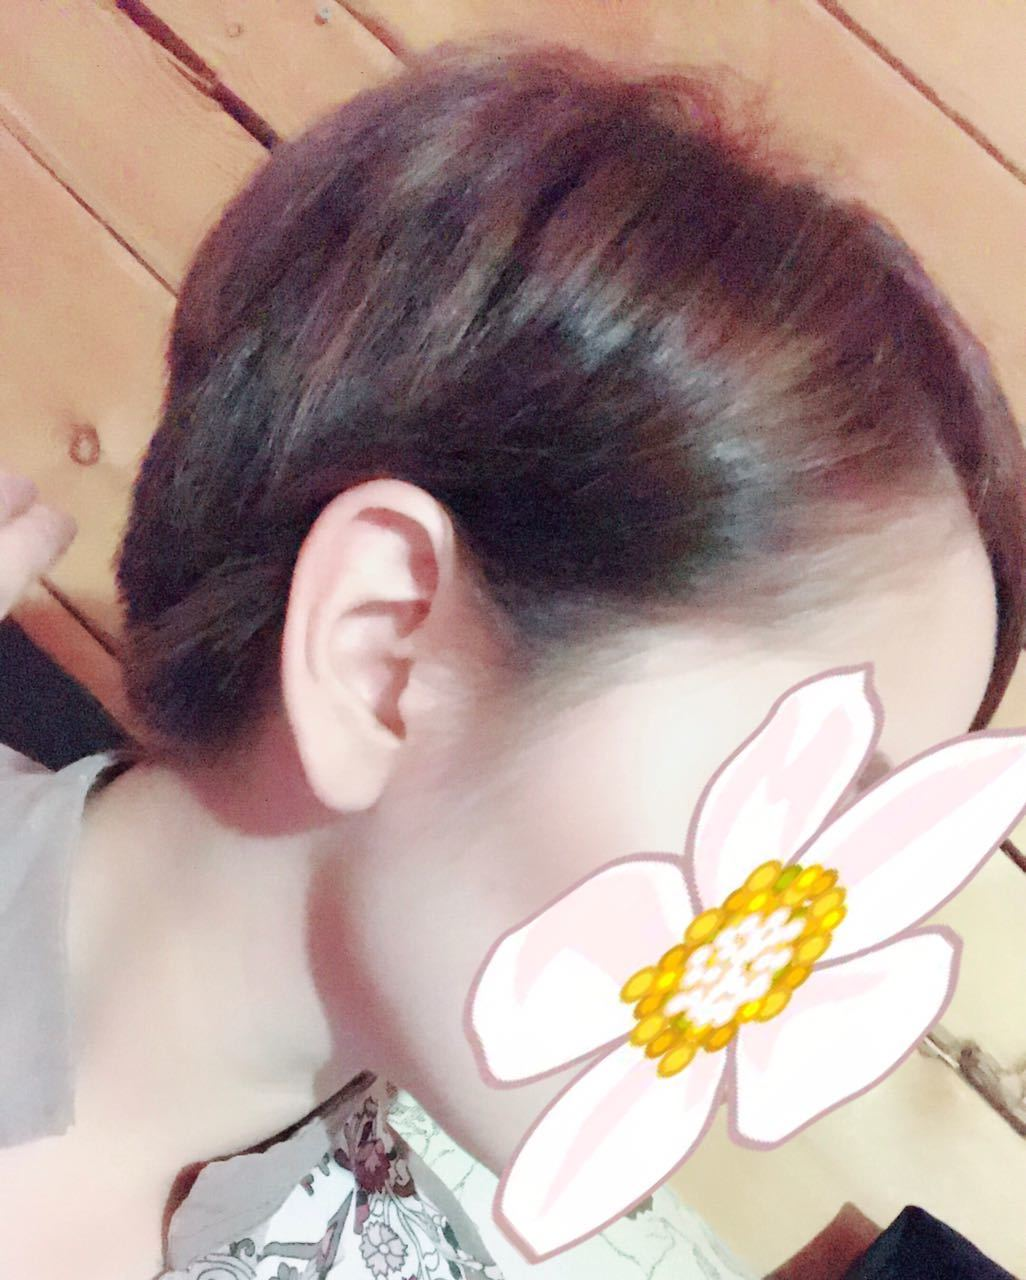 Девушке пришлось подстричь сожженные волосы